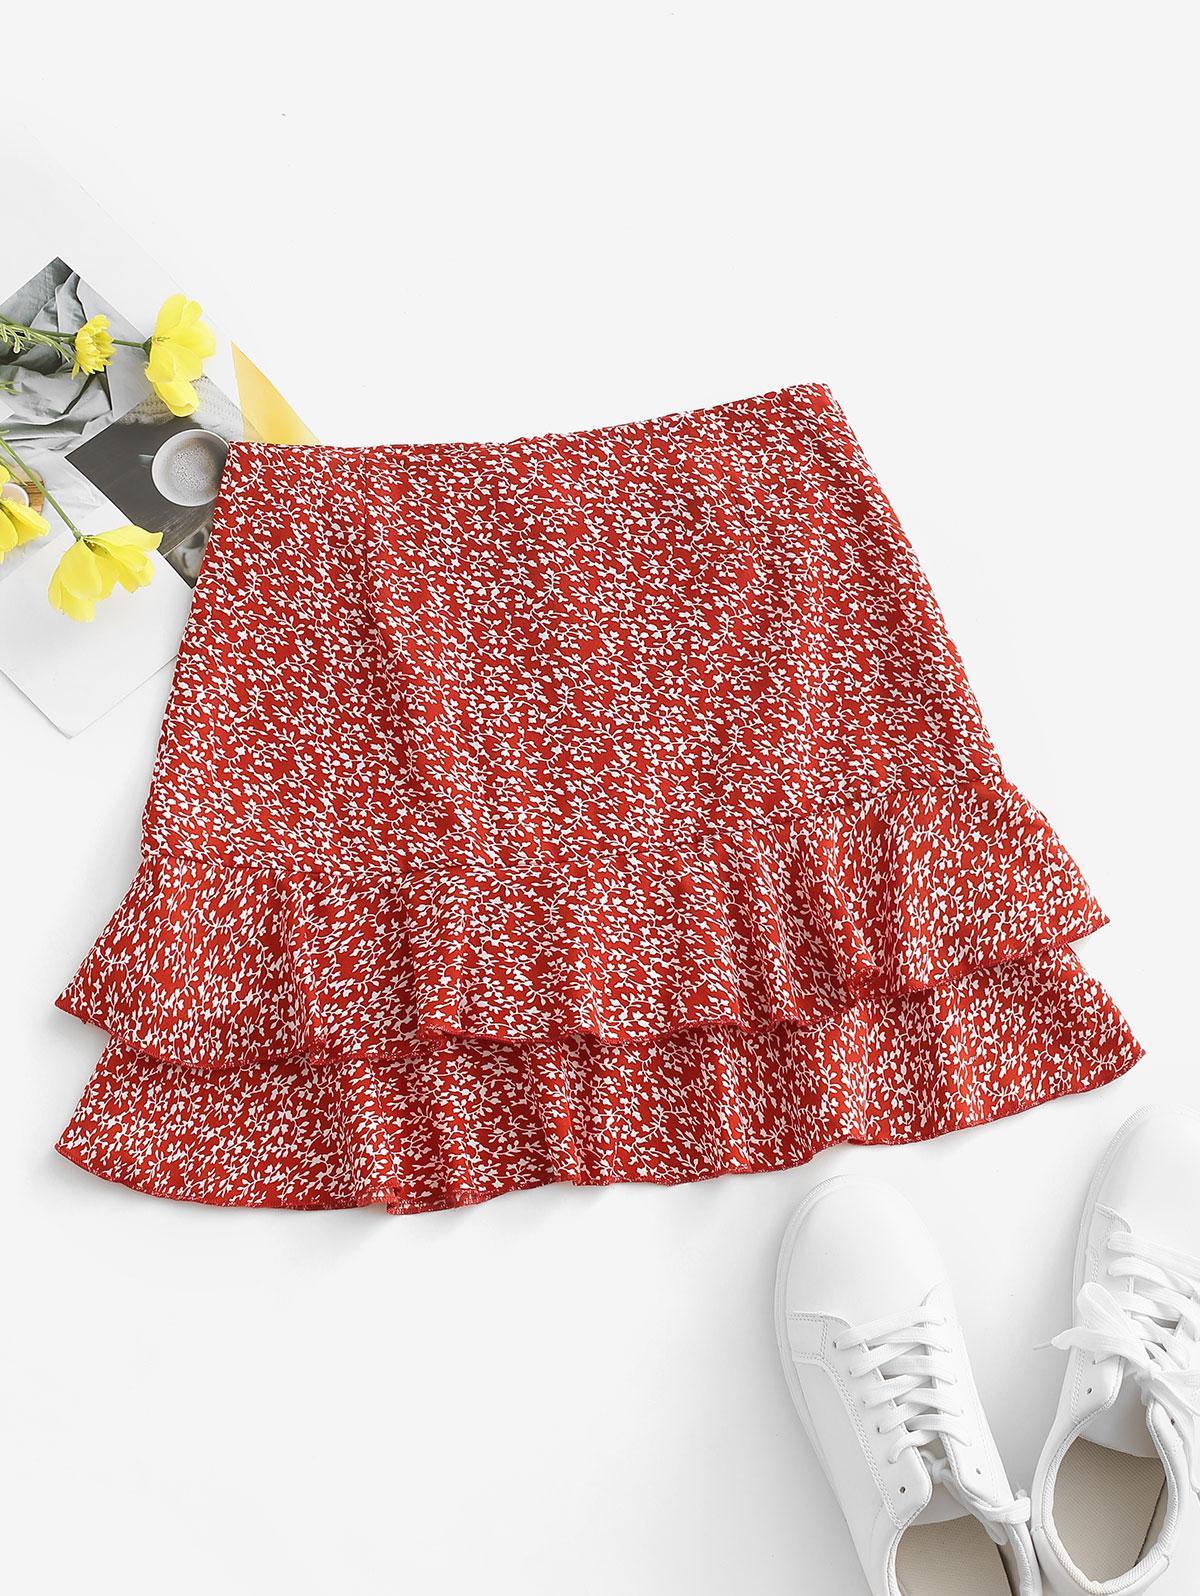 Ditsy Print Layered Ruffle Skirt